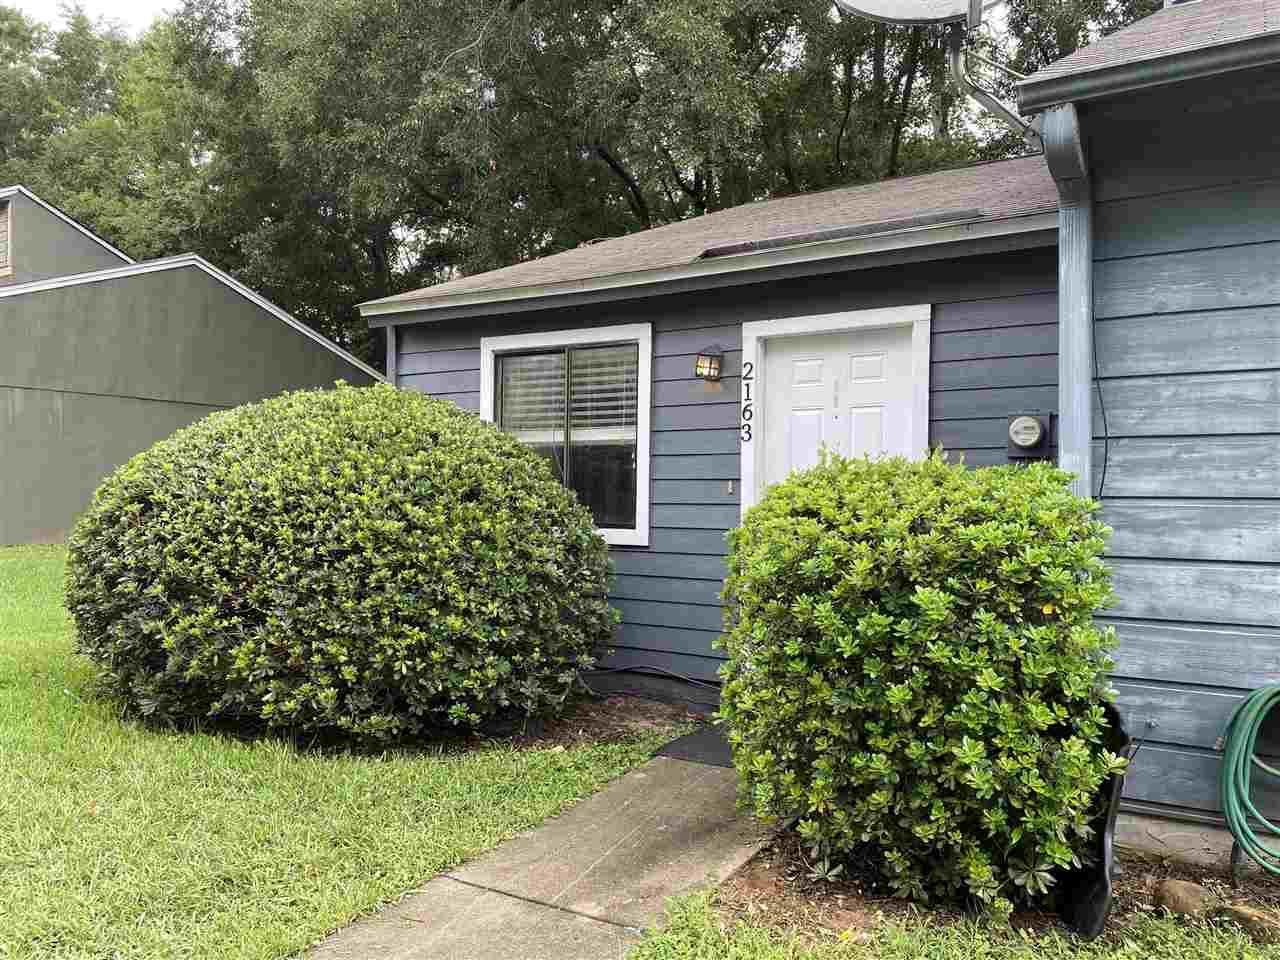 2163 SANDPIPER Street, Tallahassee, FL 32303 - MLS#: 334973